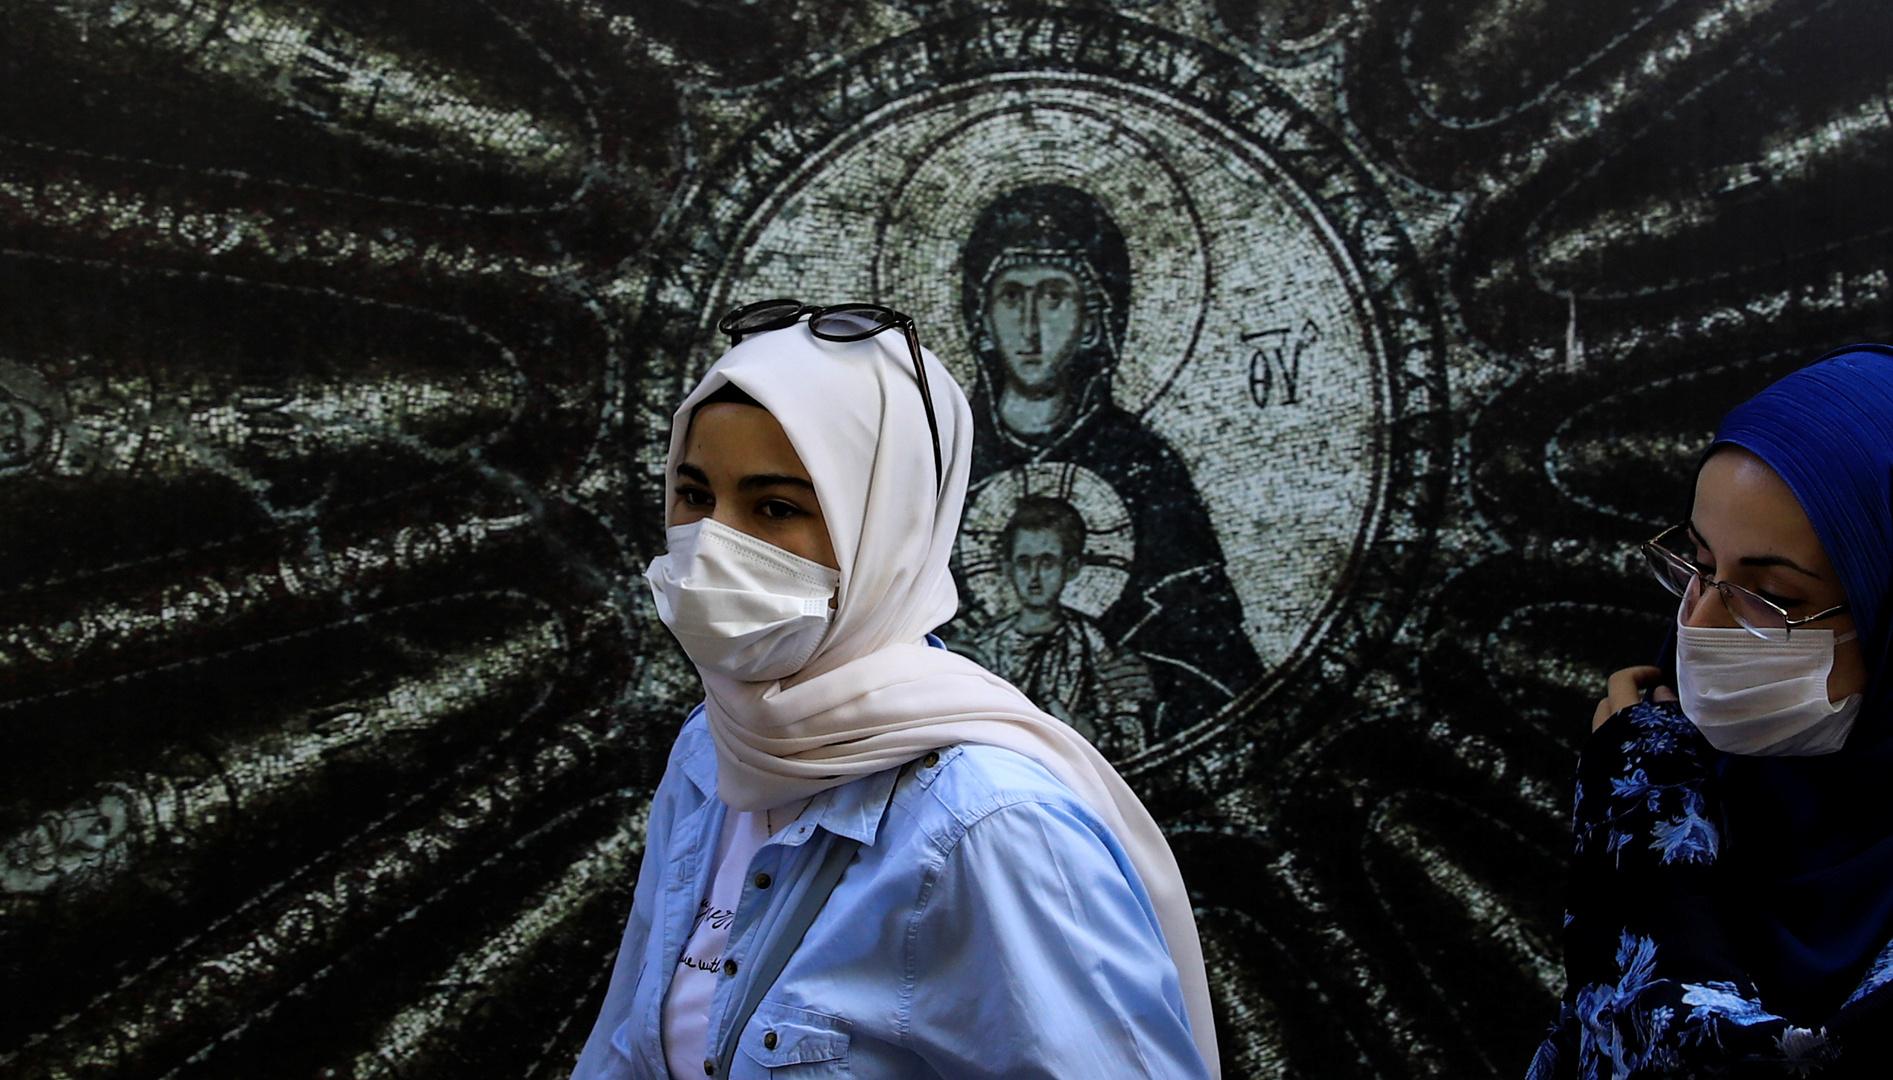 أنقرة ترد على انتقادات أثينا بشأن أوضاع الأقليات المسيحية بتركيا